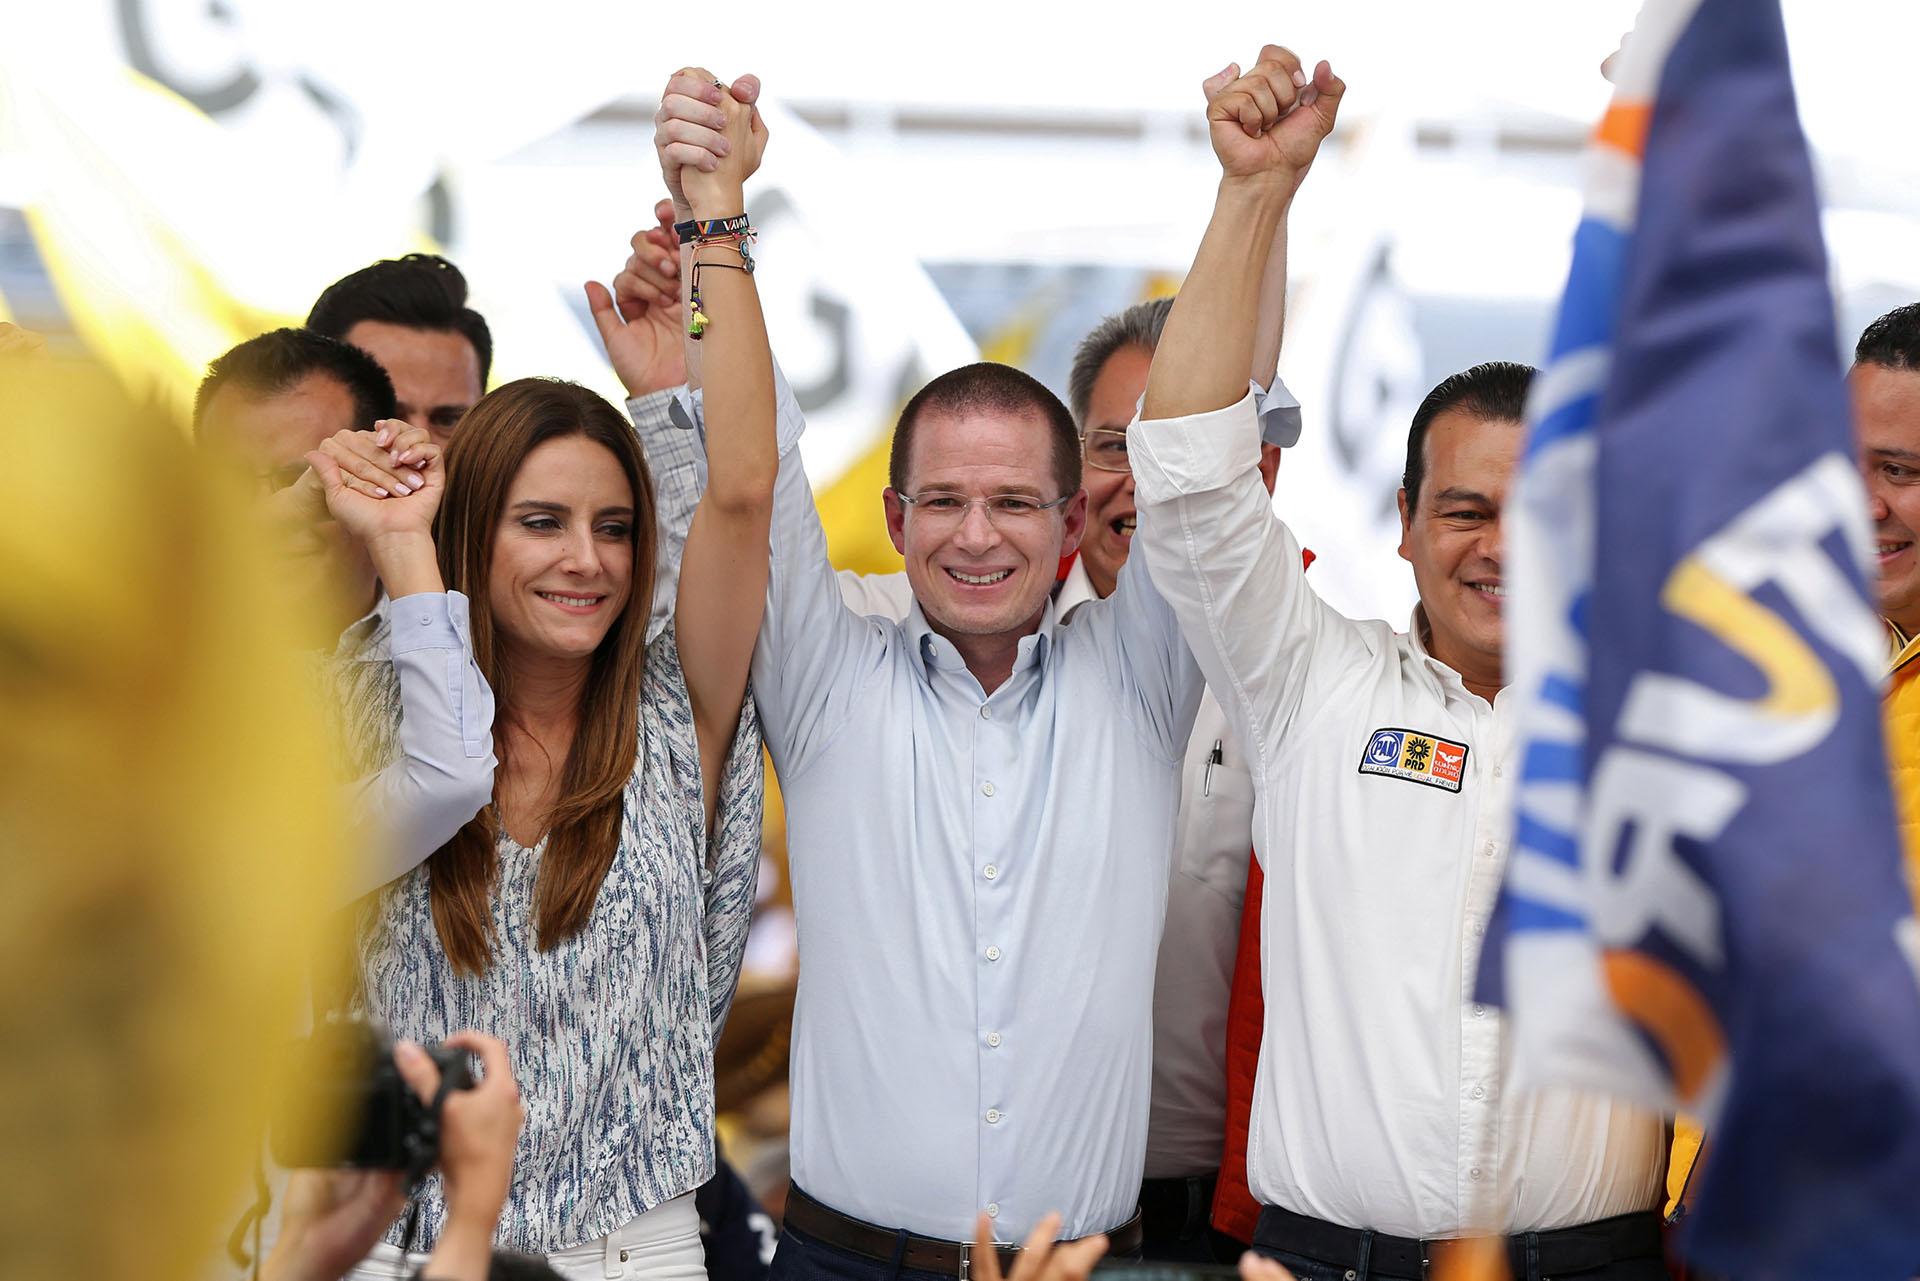 Anaya es candidato por una coalición de partidos dederechae izquierda. (Foto: REUTERS/Gustavo Graf)